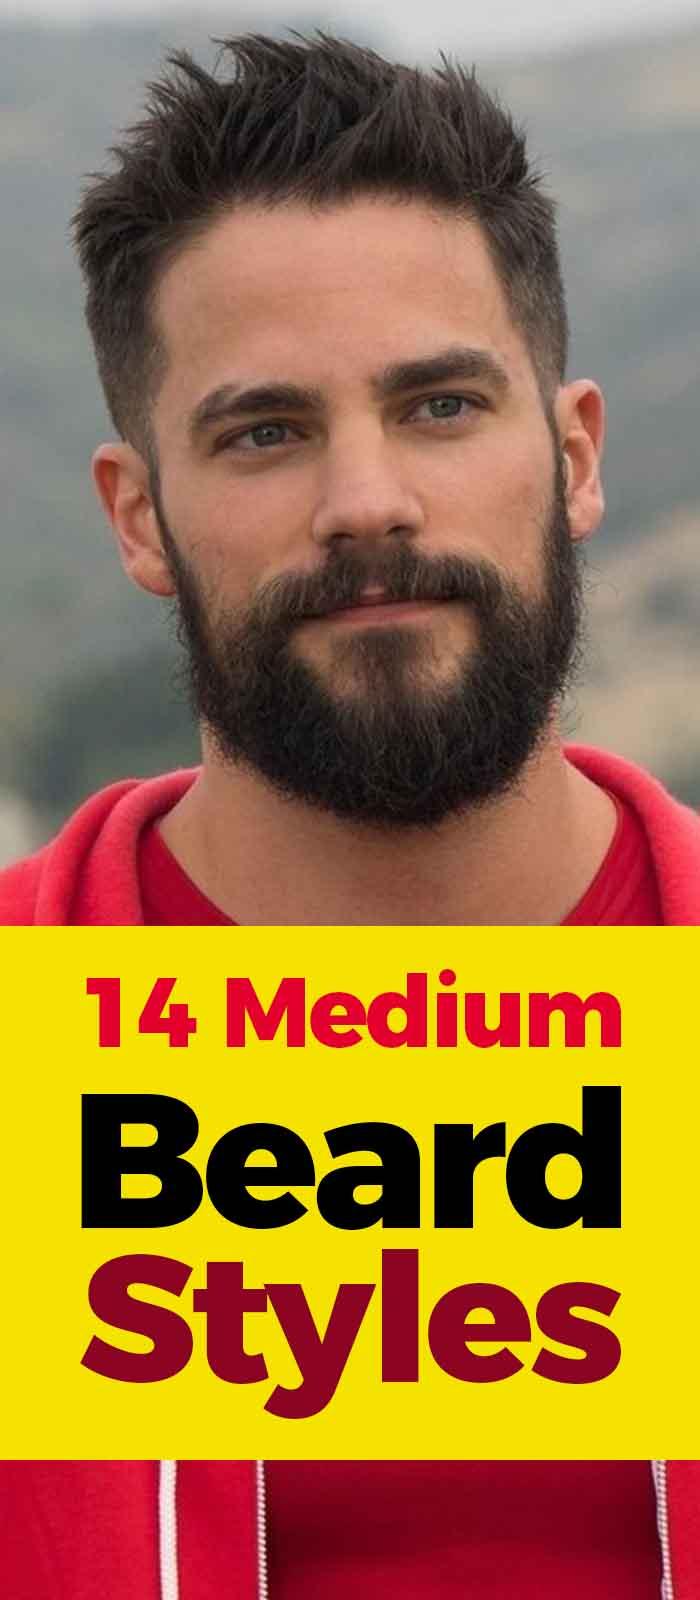 Medium Beard style for men to try!